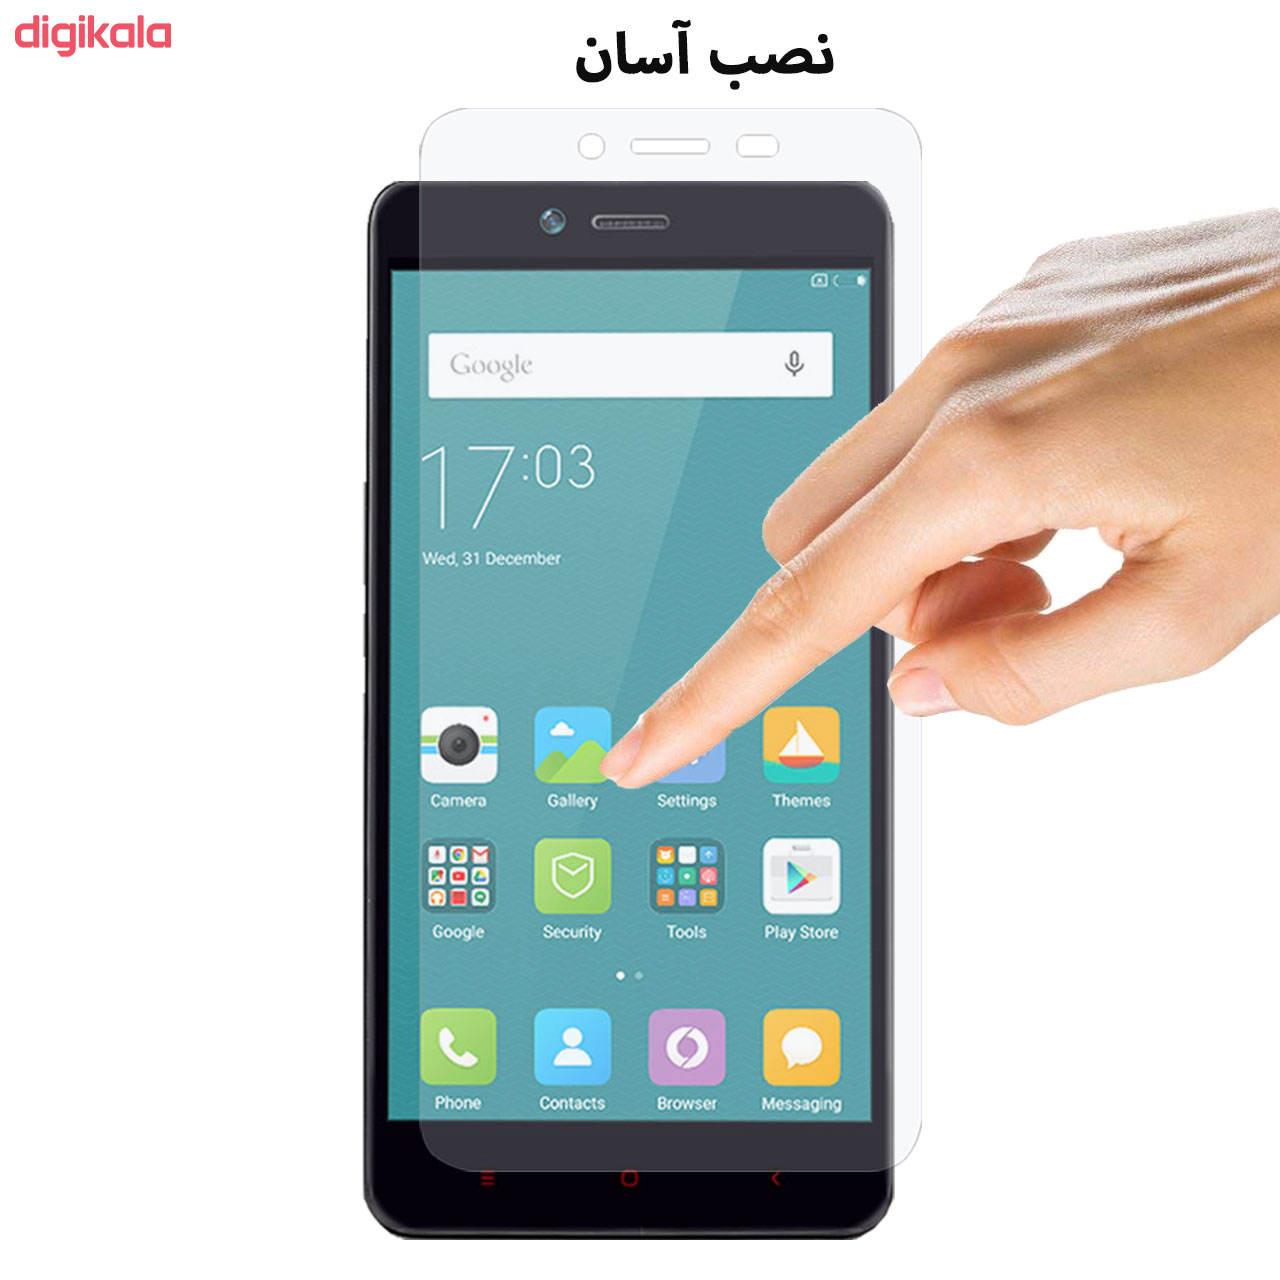 محافظ صفحه نمایش تراستکتور مدل GLS مناسب برای گوشی موبایل شیائومی Redmi Note 2 / Redmi Note 2 Prime بسته 3 عددی main 1 4